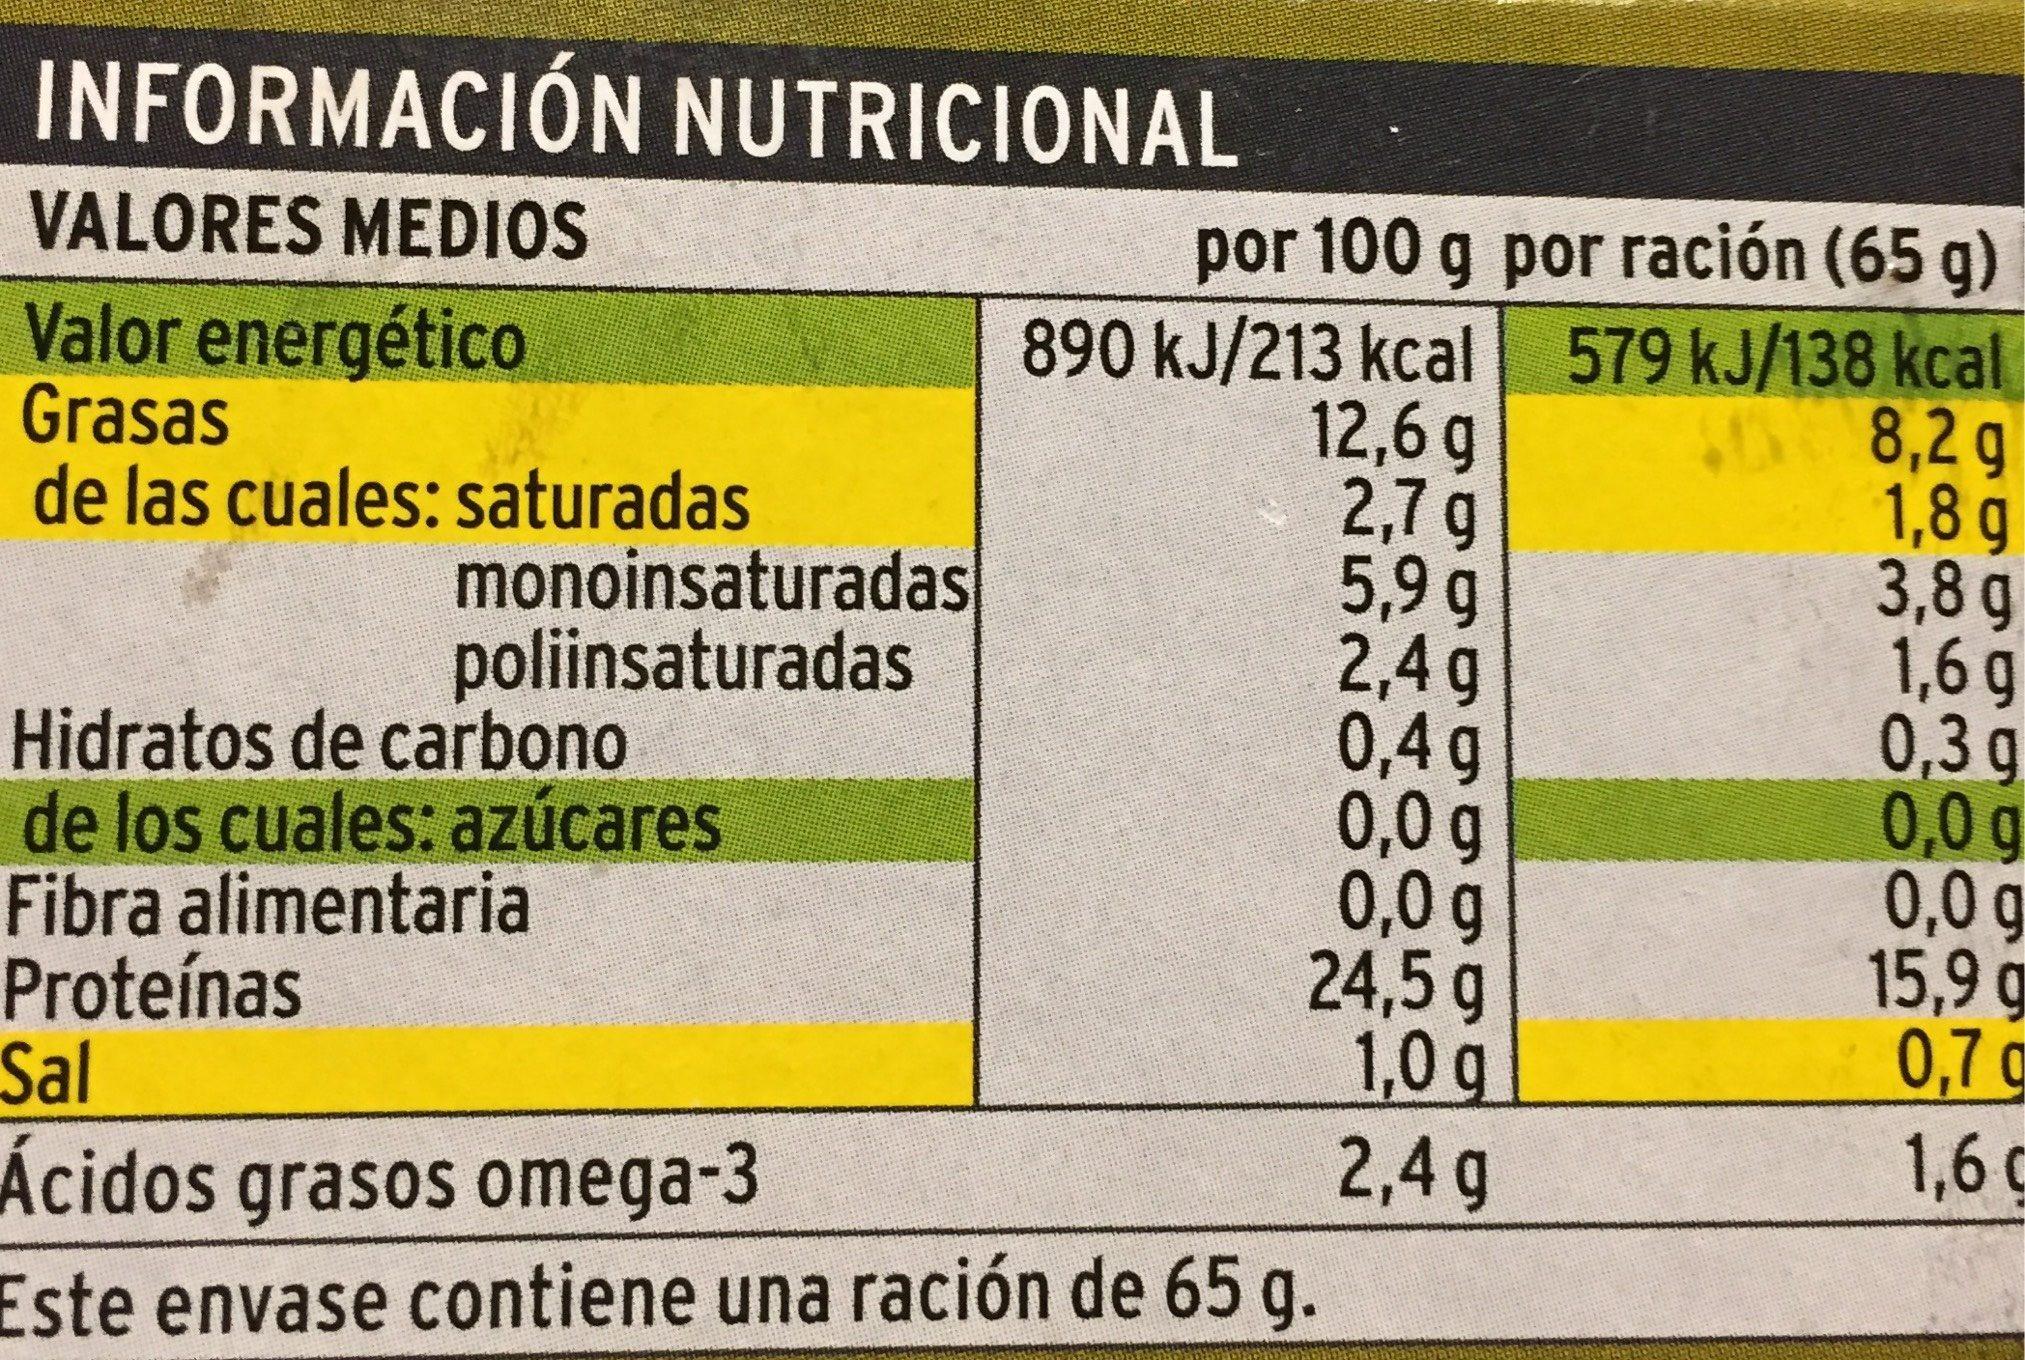 Caballa del sur en aceite de oliva - Informació nutricional